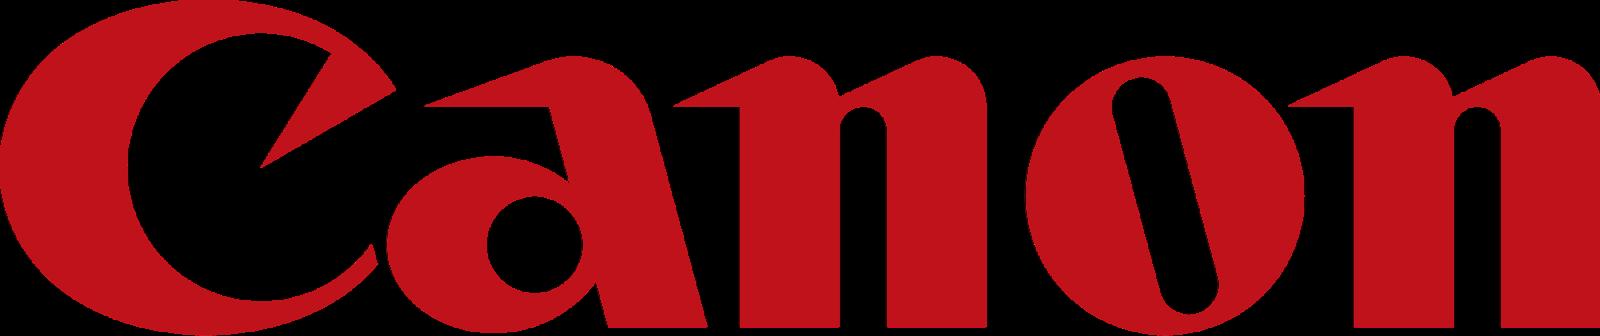 Marke: Canon | Herstellernummer: FM1-F555-000 | neue ORIGINAL Canon Transferband FM1-F555-000 IR Advance C2030 C2225 neu A-WareCanon Karton ist nicht geöffnet